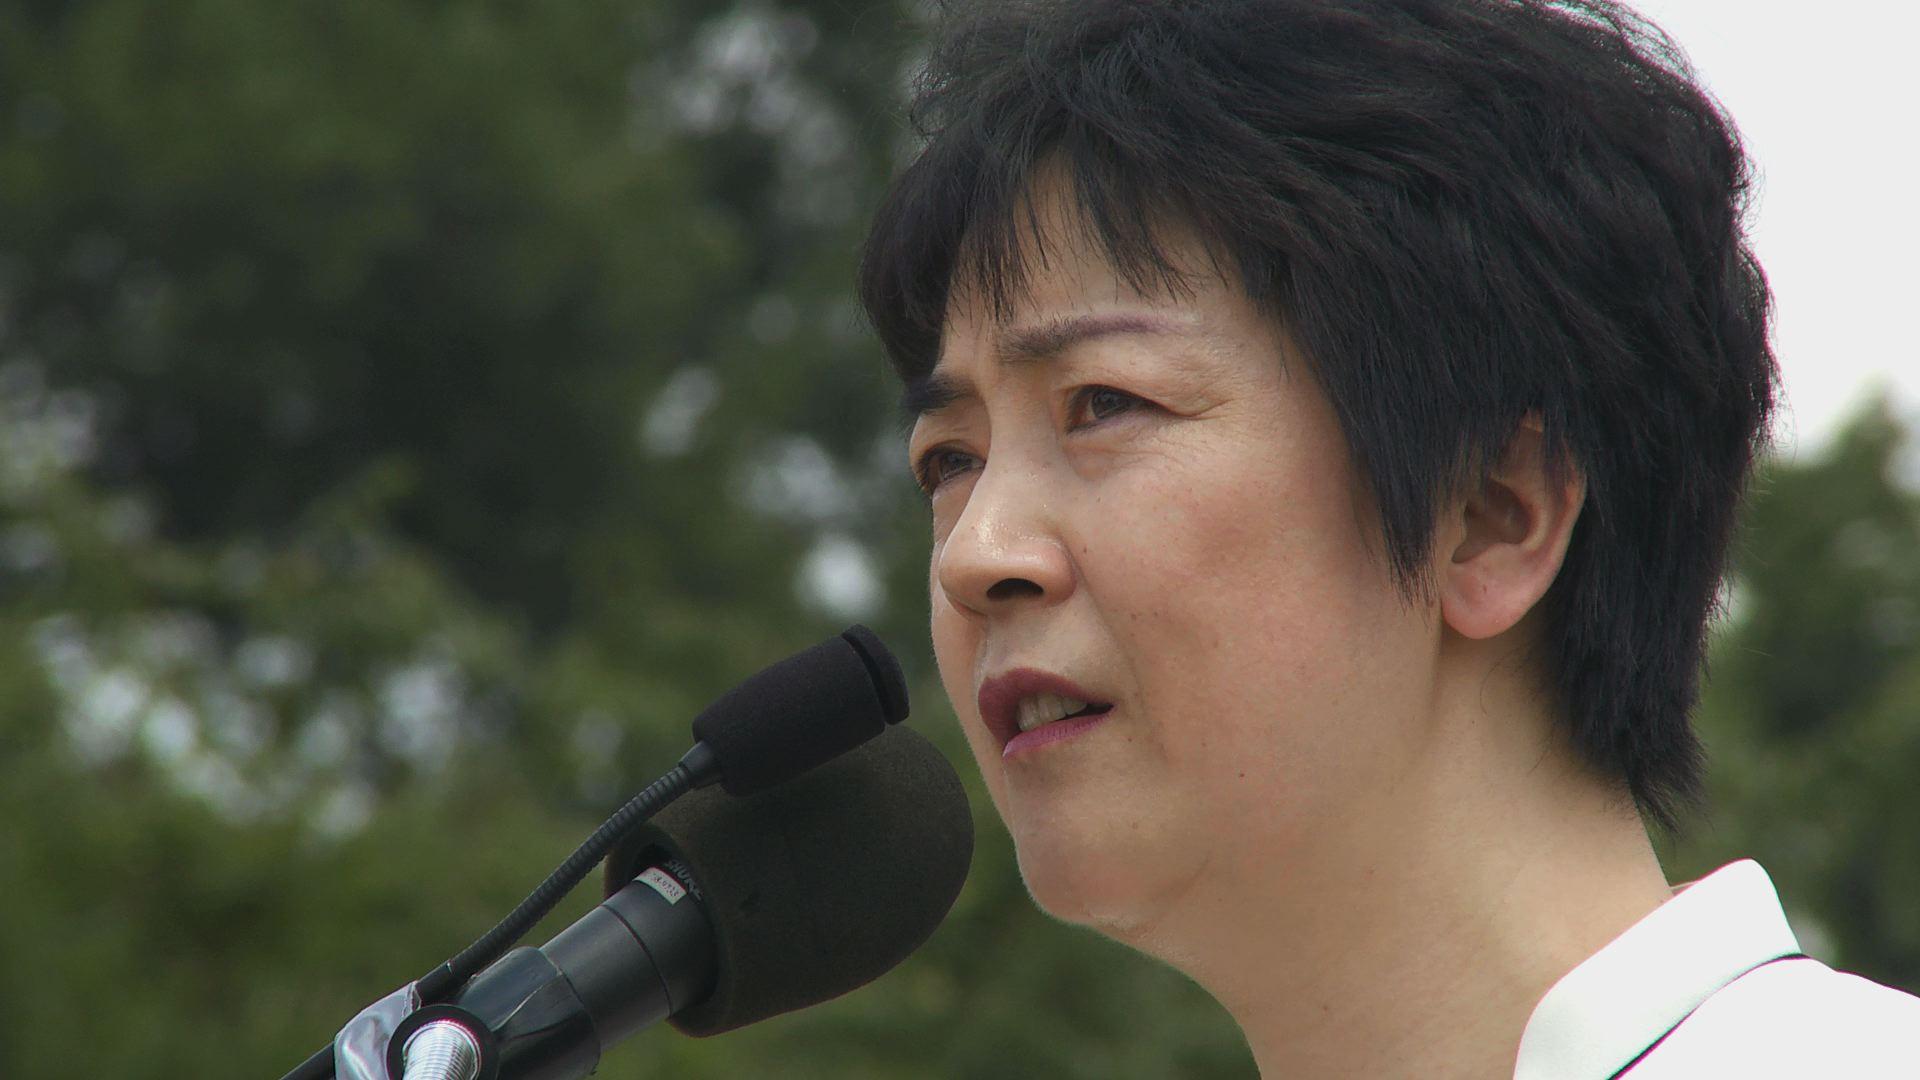 《自由中國》女主角曾錚2010年7月在華盛頓法輪功集會上發言。(圖片來自《自由中國》紀錄片)